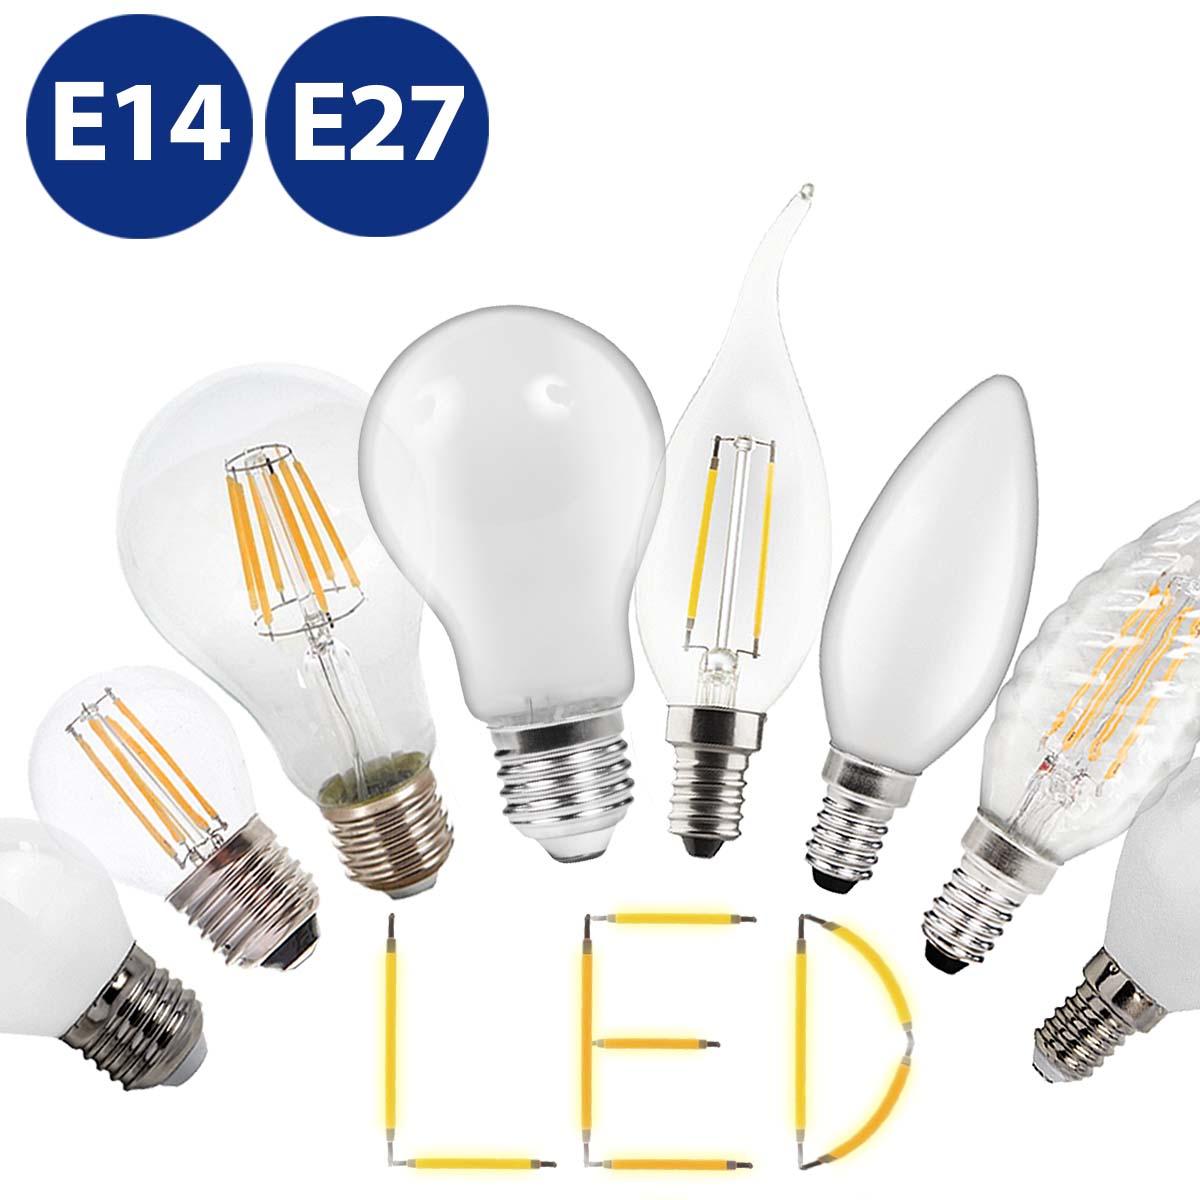 LED E14 G45 Retro Leuchtmittel 2W 4W 6W Lampe Glühbirnen Energiespar Birne ✪